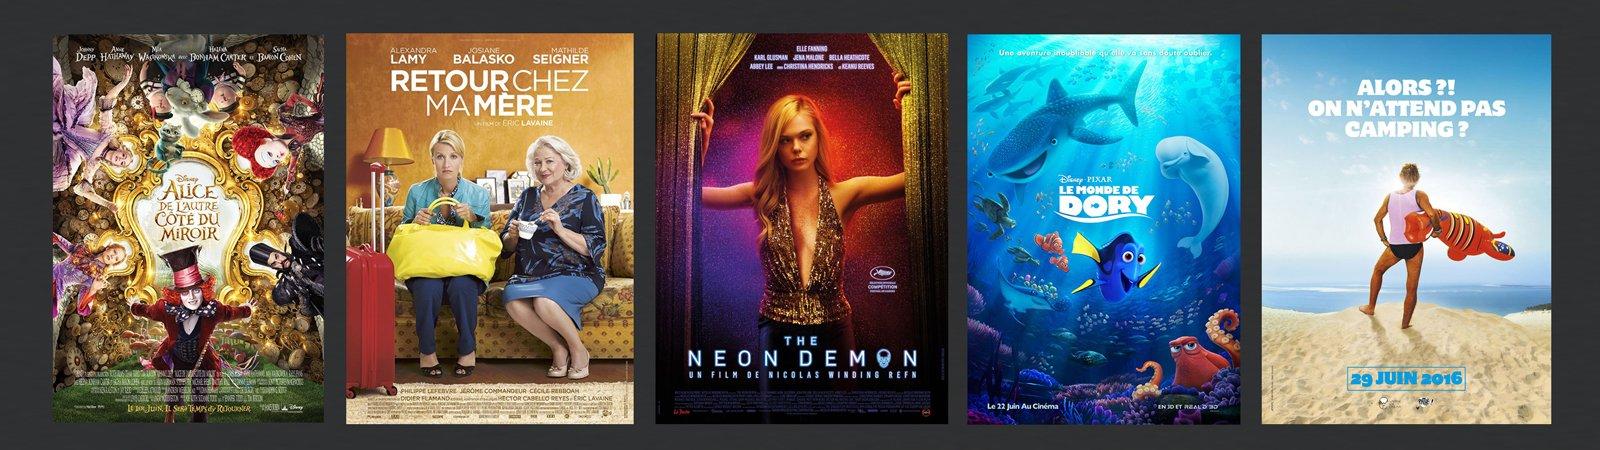 Affiches des sorties du mois de juin 2016